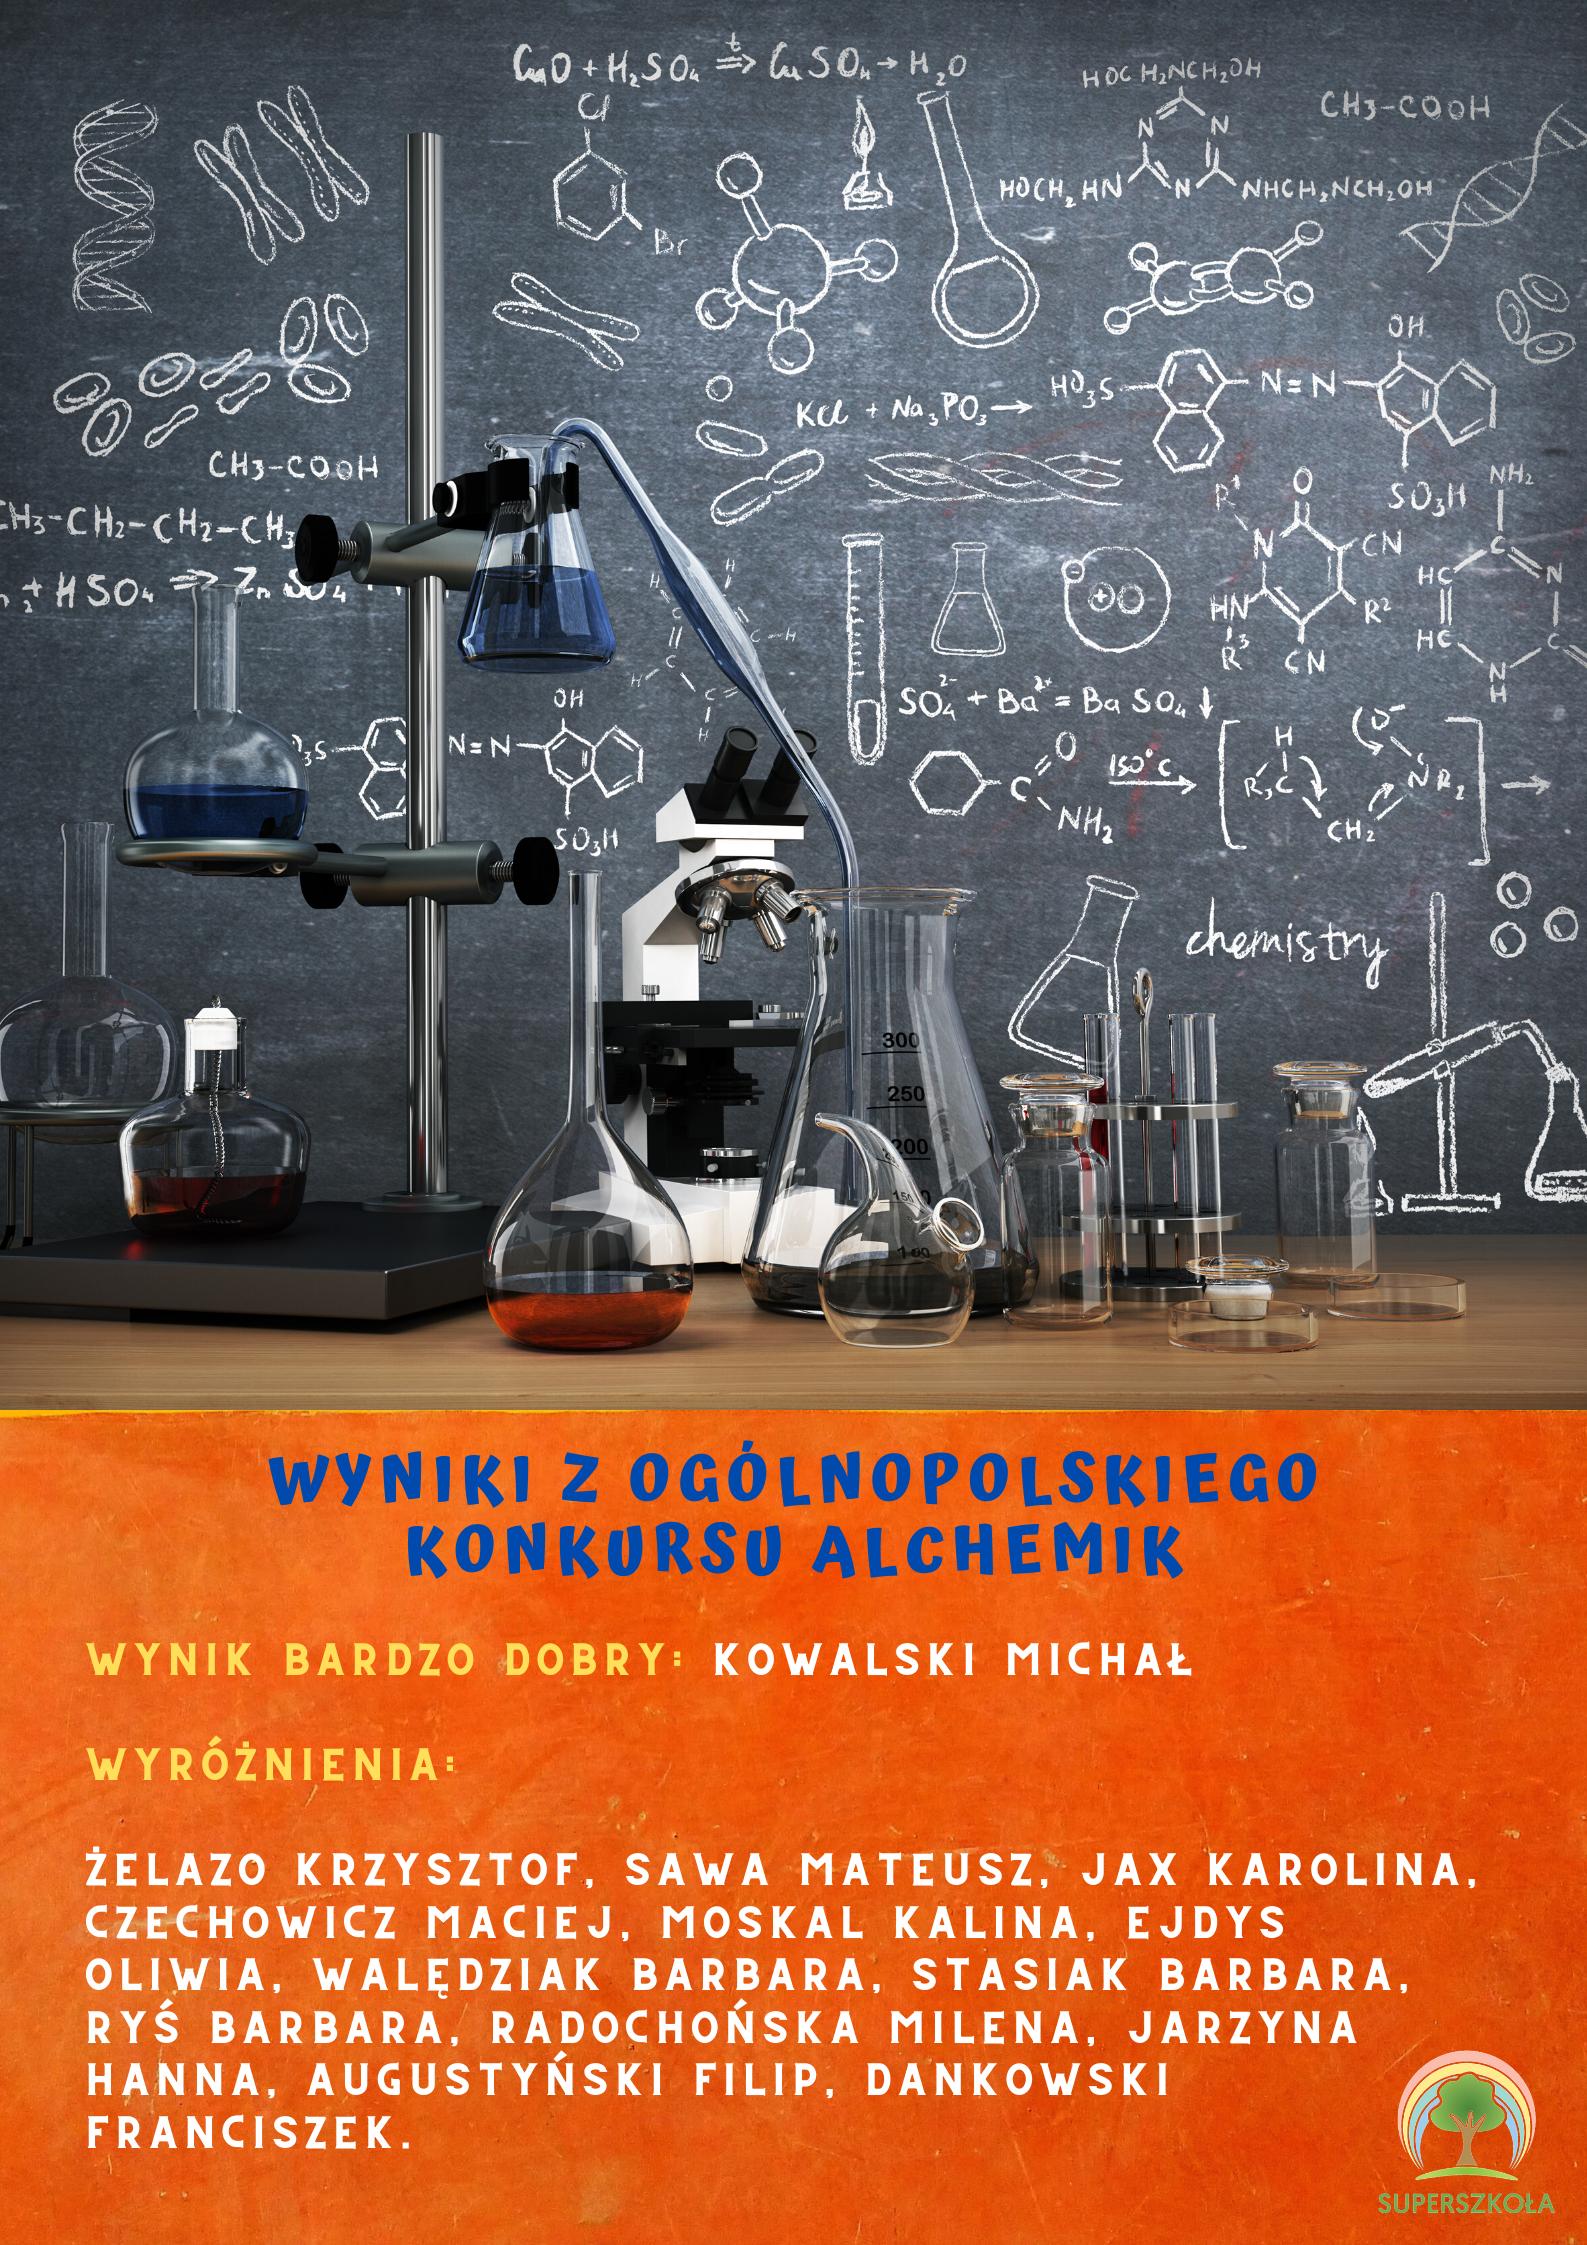 Alchemik_wyniki_2020